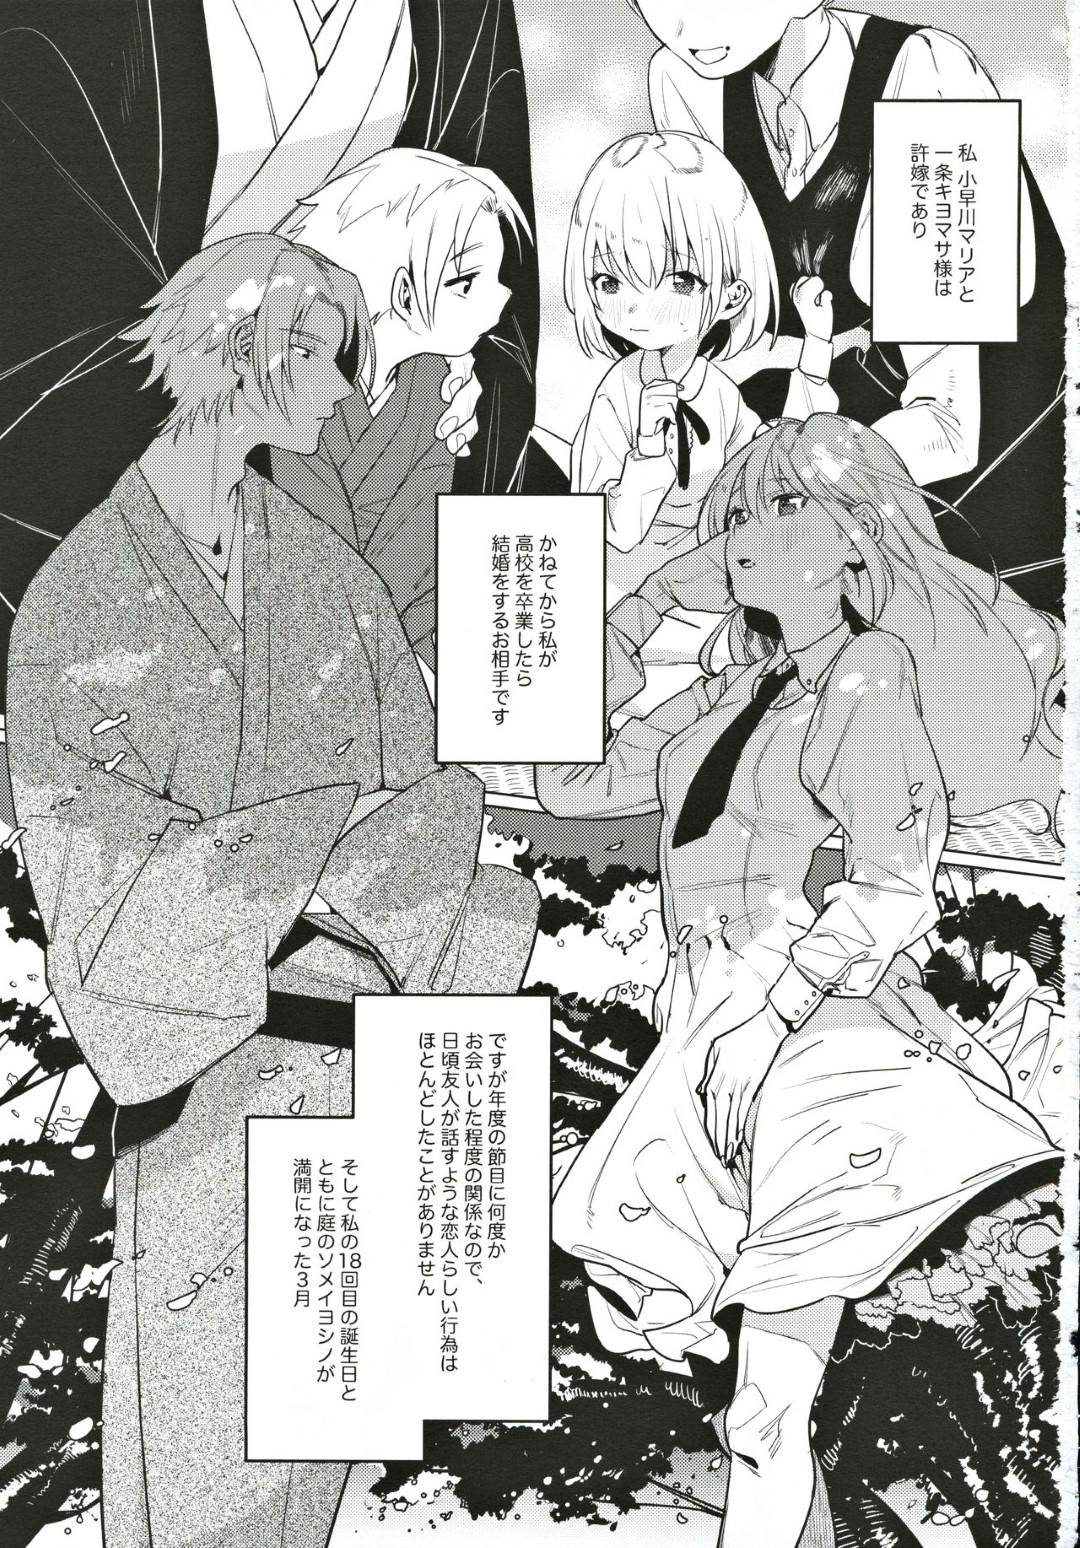 【エロ漫画】許嫁で交際期間0日で結婚する事となった主人公とマリア。二人は気まずく慣れない状況でぎこちなくセックスする。彼にリードされるようにクンニされて潮吹きした彼女は正常位や騎乗位などの体位で挿入される。【Nino_izm】